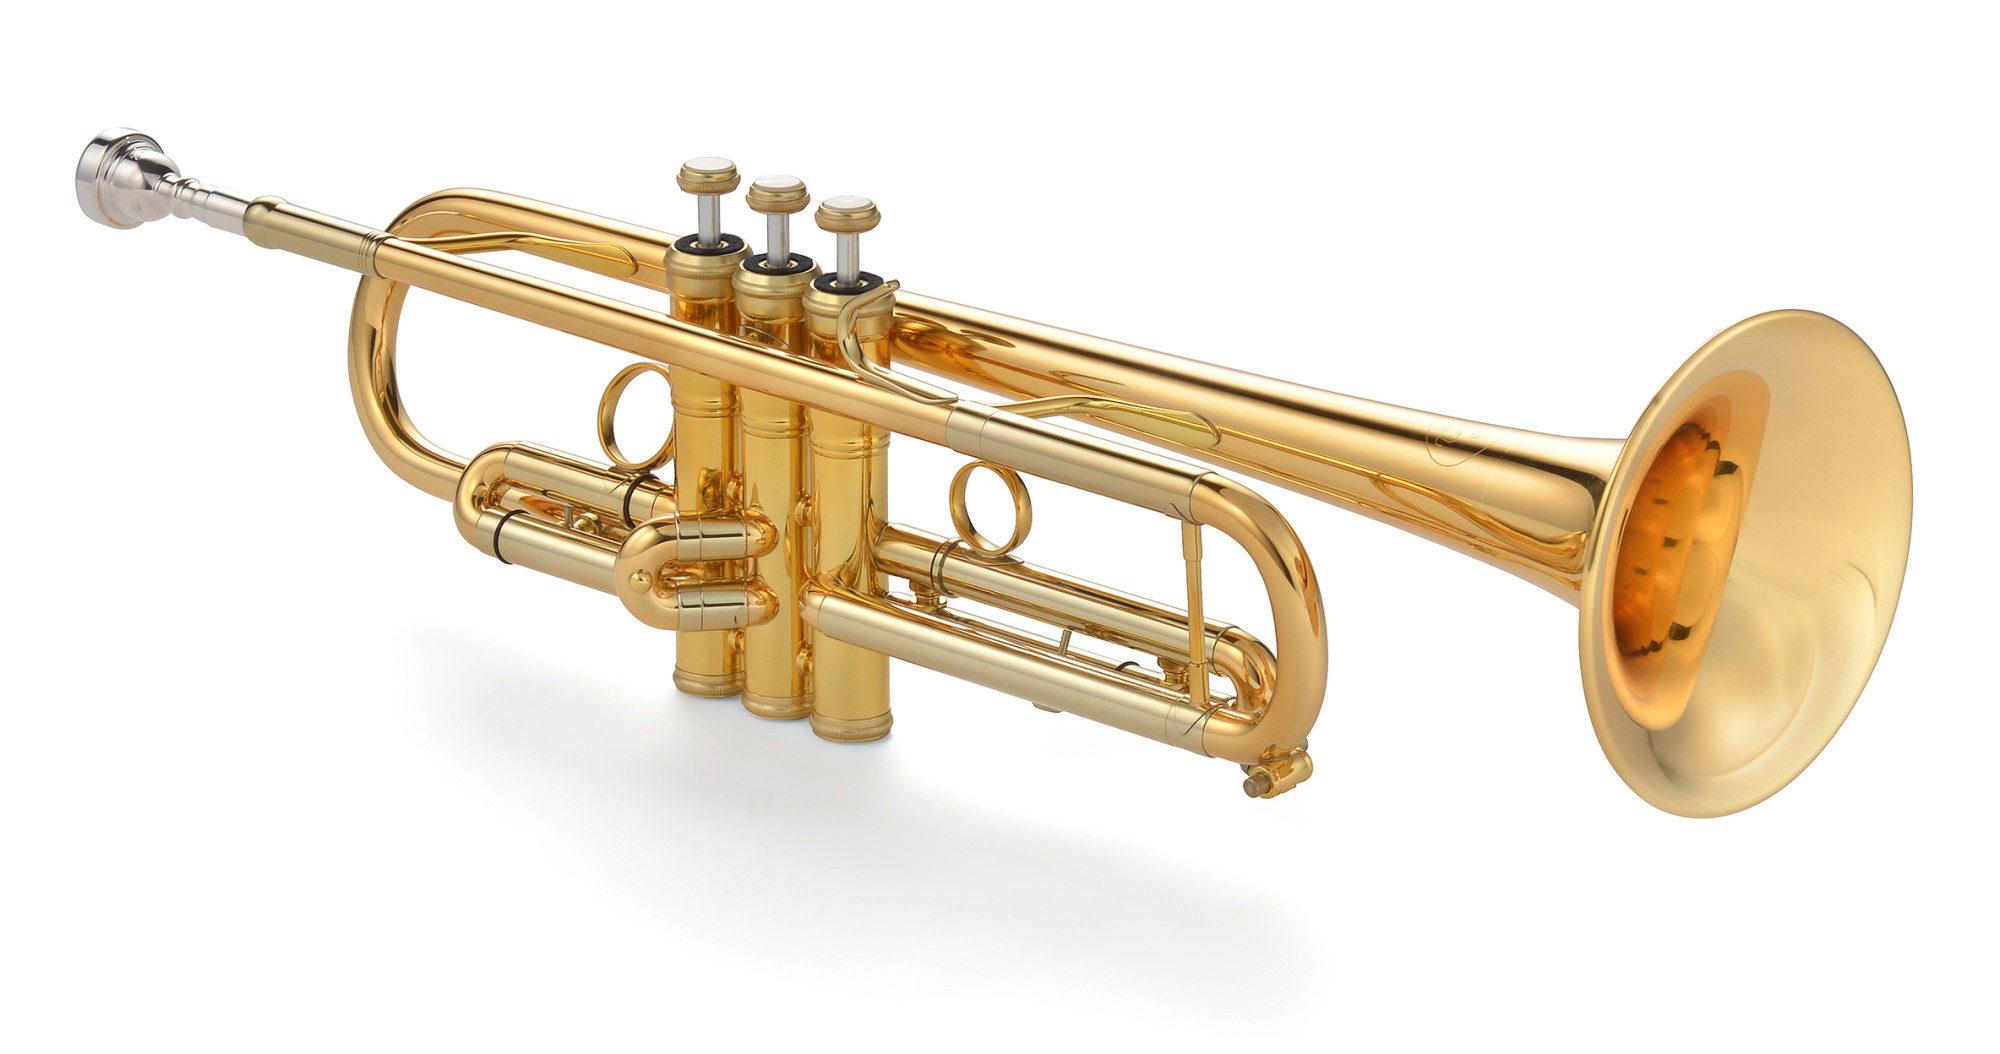 """B-Trompete """"Topline"""" - Kühnl & Hoyer - Blechblasinstrumente verwandt mit Trompete Bilder"""